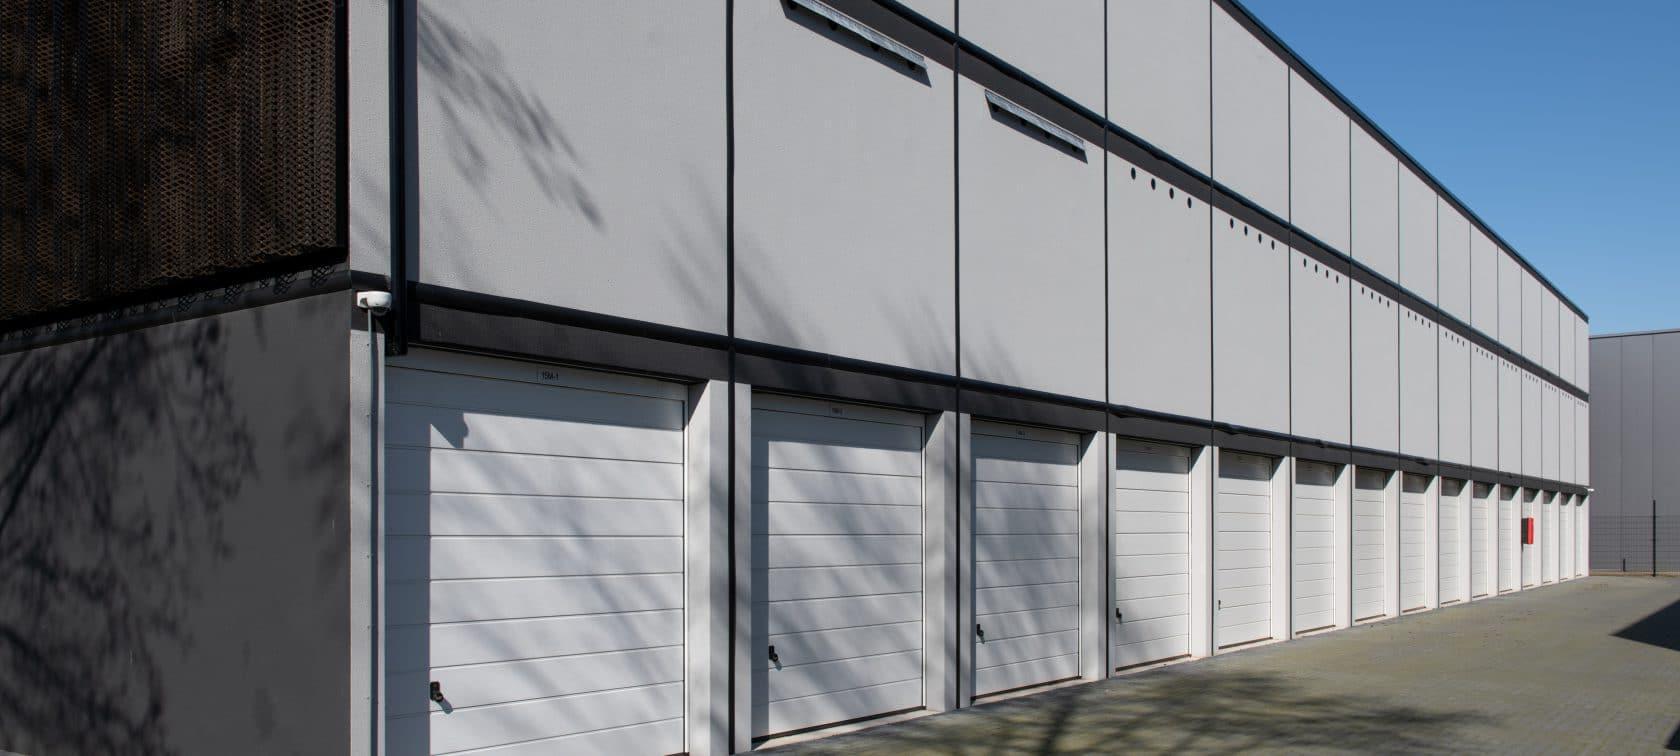 GaragePark Amersfoort de Hoef - garageboxen